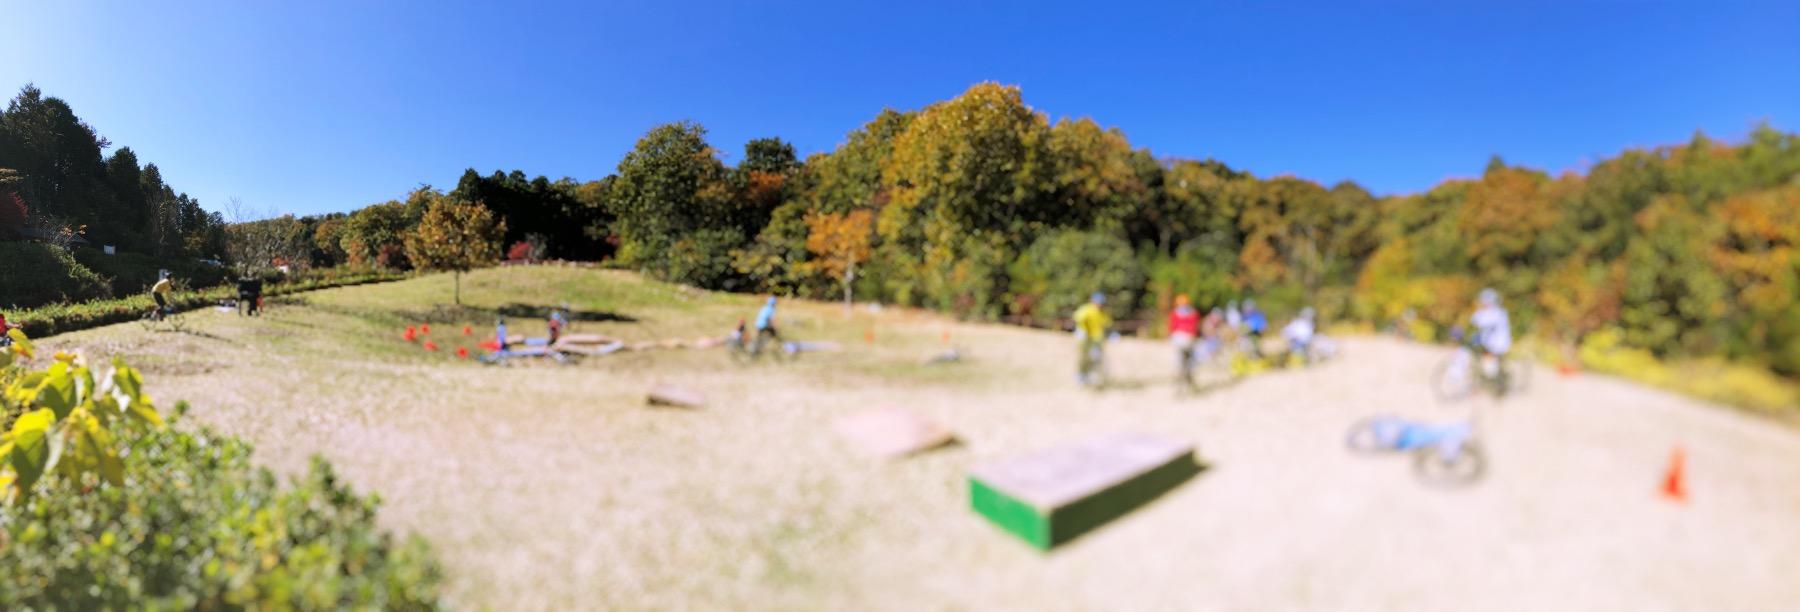 ☆ 『リトルバイキング・たじみ定期会』再開は9月からの見込みです